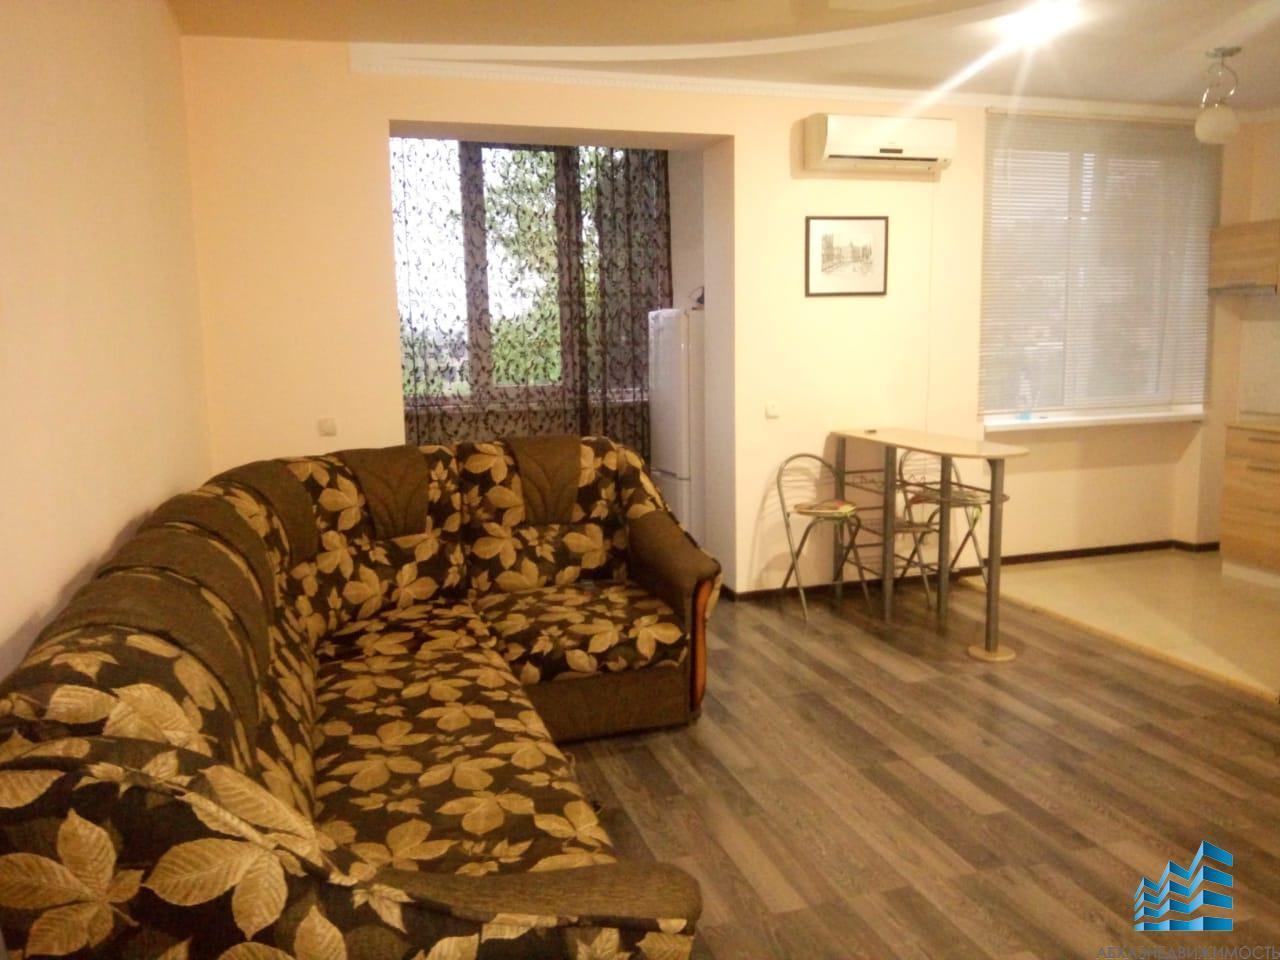 1-комнатная квартира на Турбазе в аренду 6/8 этаж